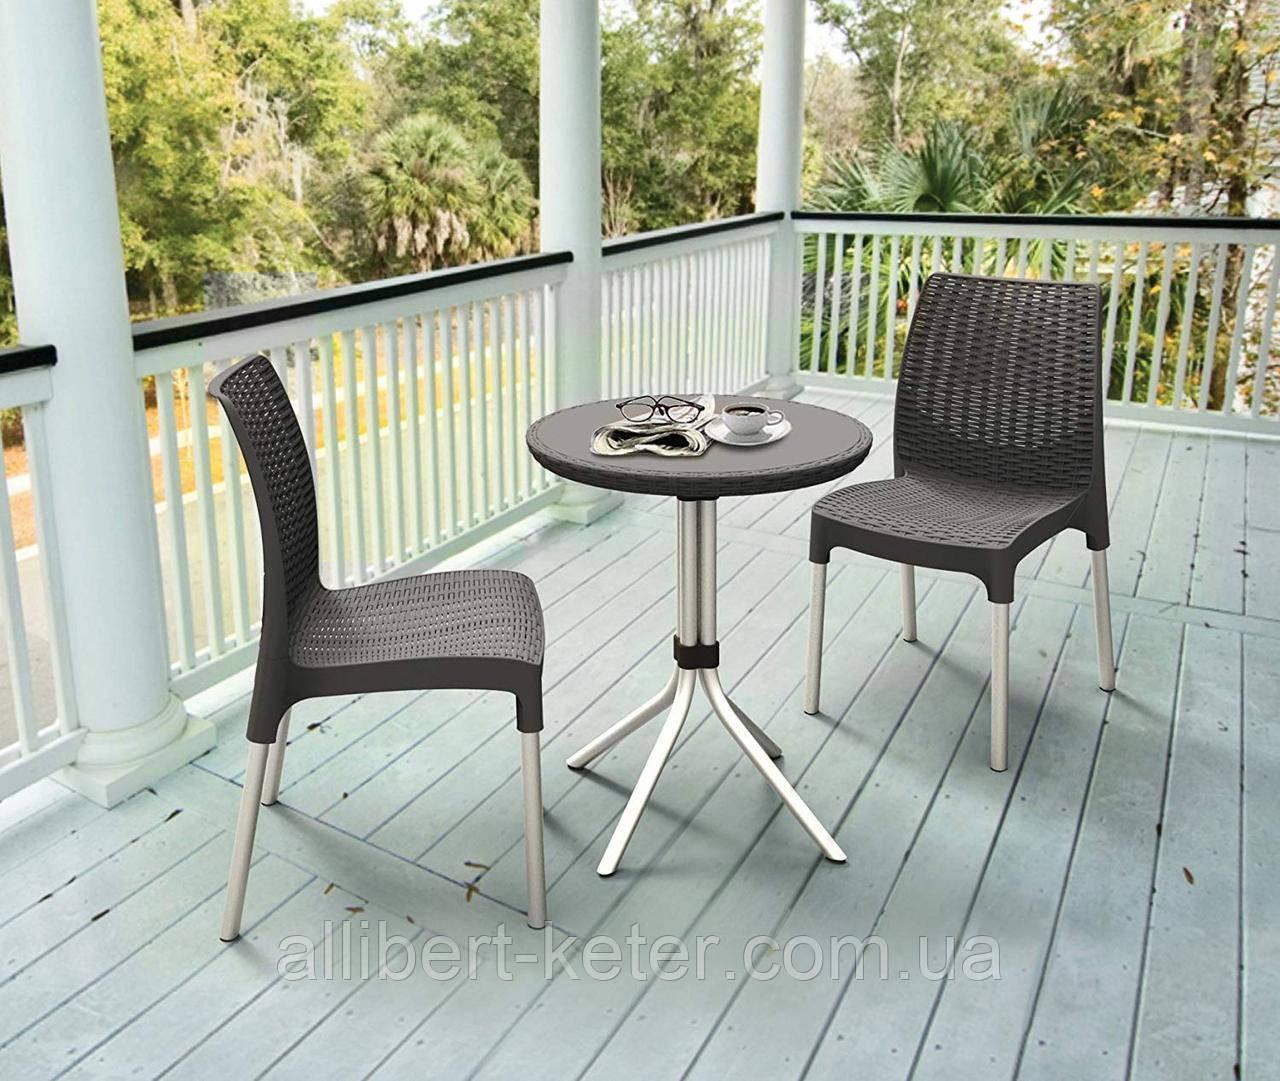 Набор садовой мебели Chelsea Set из искусственного ротанга